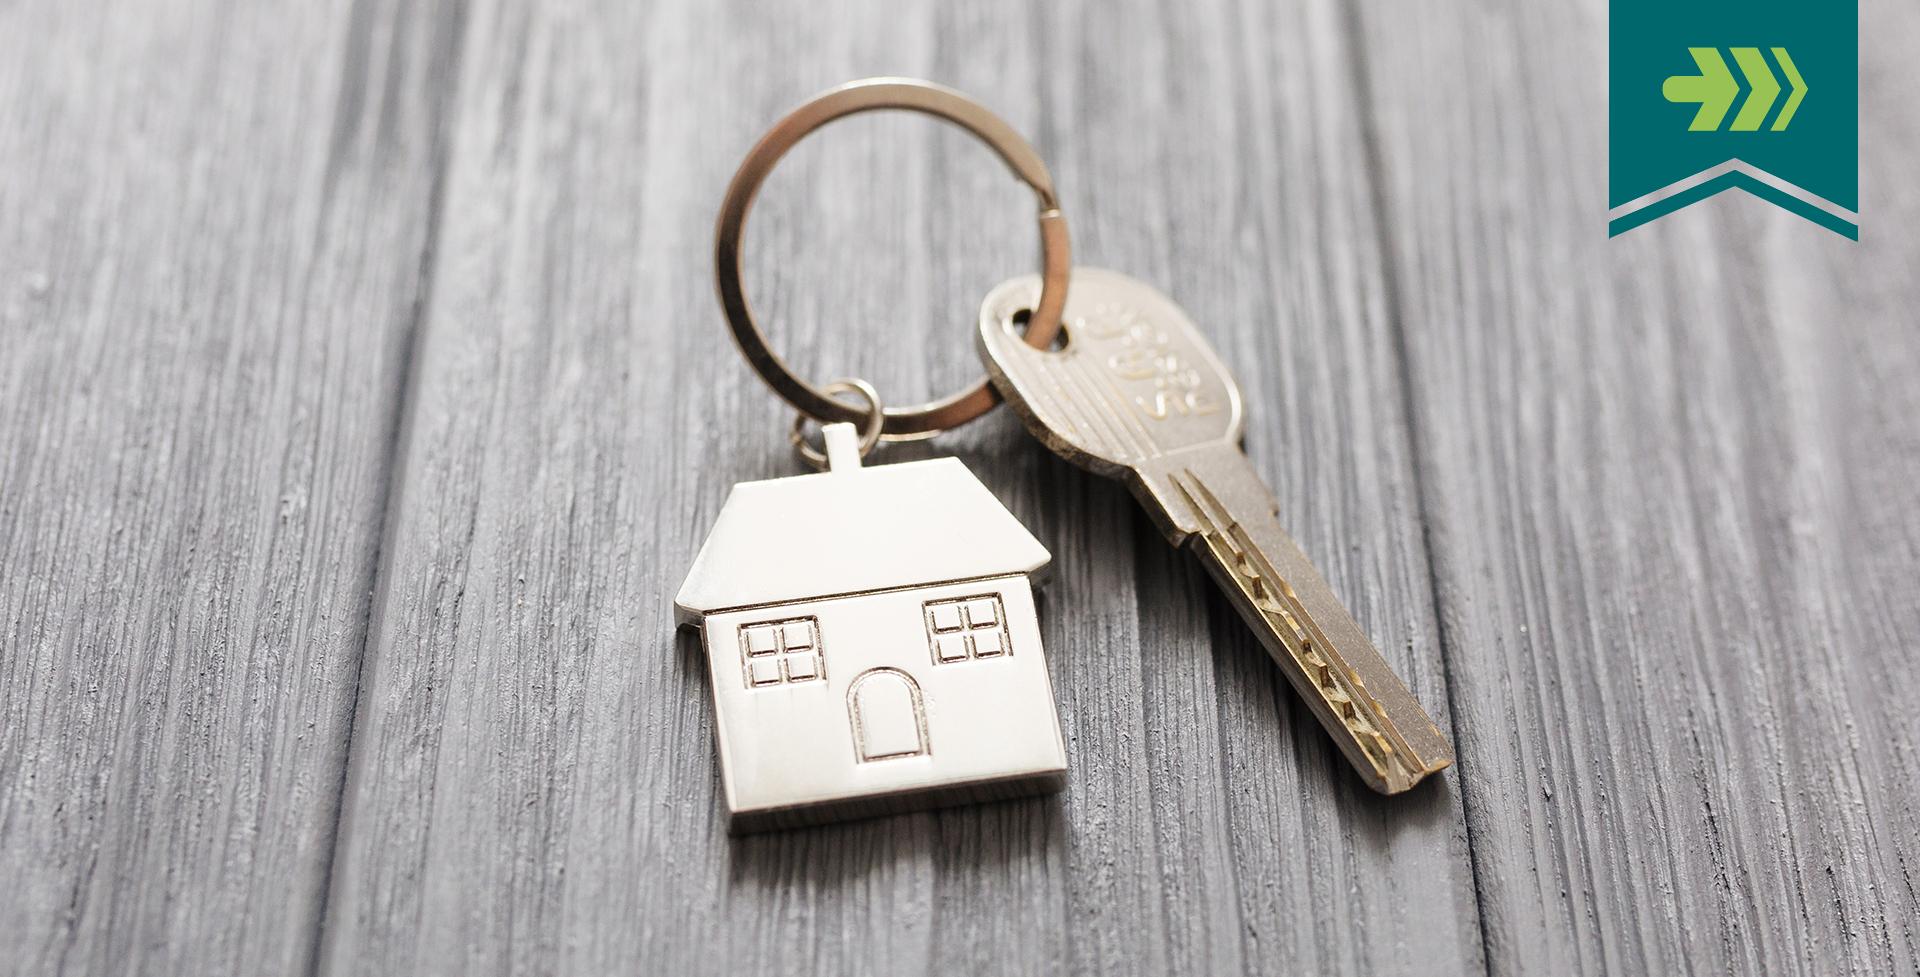 Obtén tu crédito hipotecario con estos documentos | Credimejora